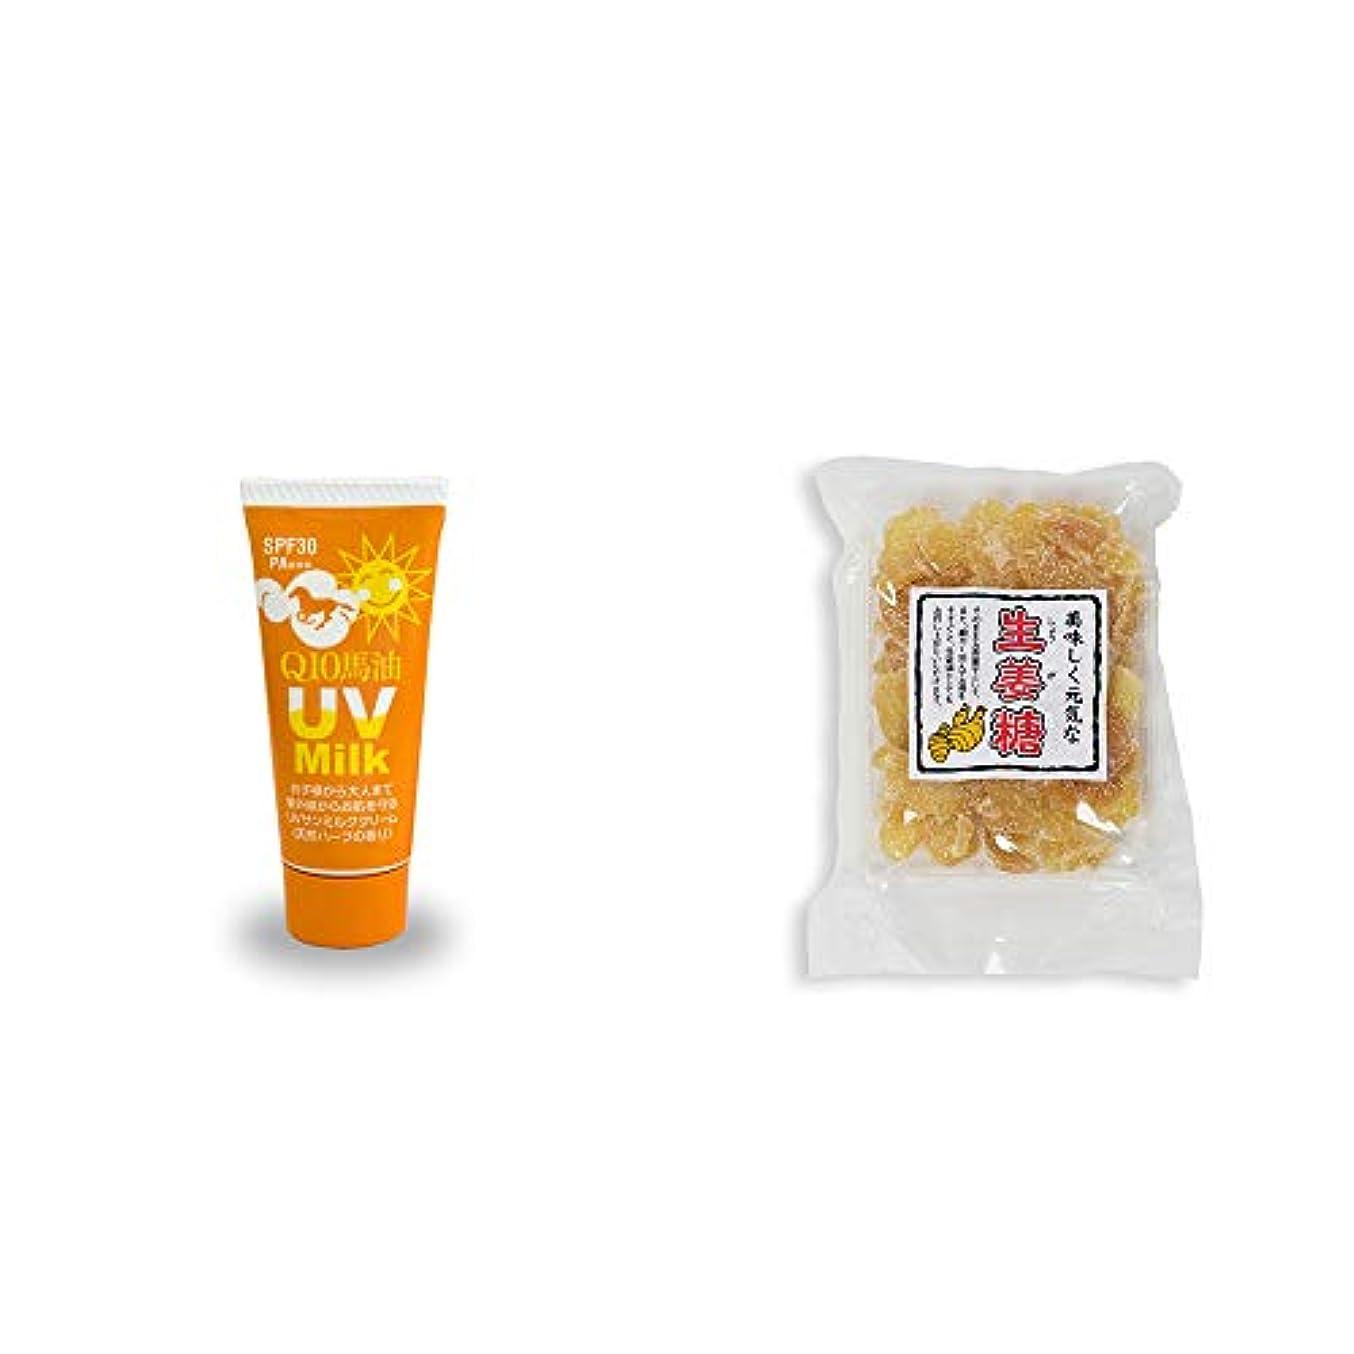 のぞき穴テント雇用[2点セット] 炭黒泉 Q10馬油 UVサンミルク[天然ハーブ](40g)?生姜糖(230g)